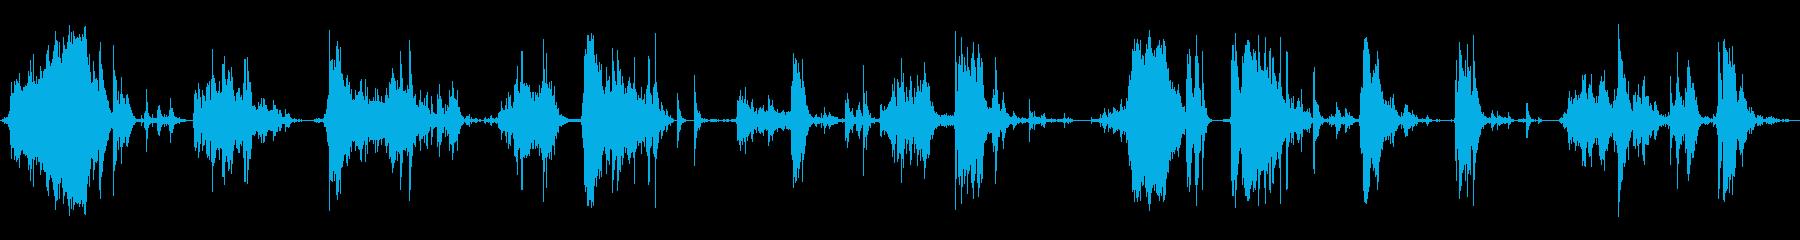 メタルデブリスクレープ5の再生済みの波形